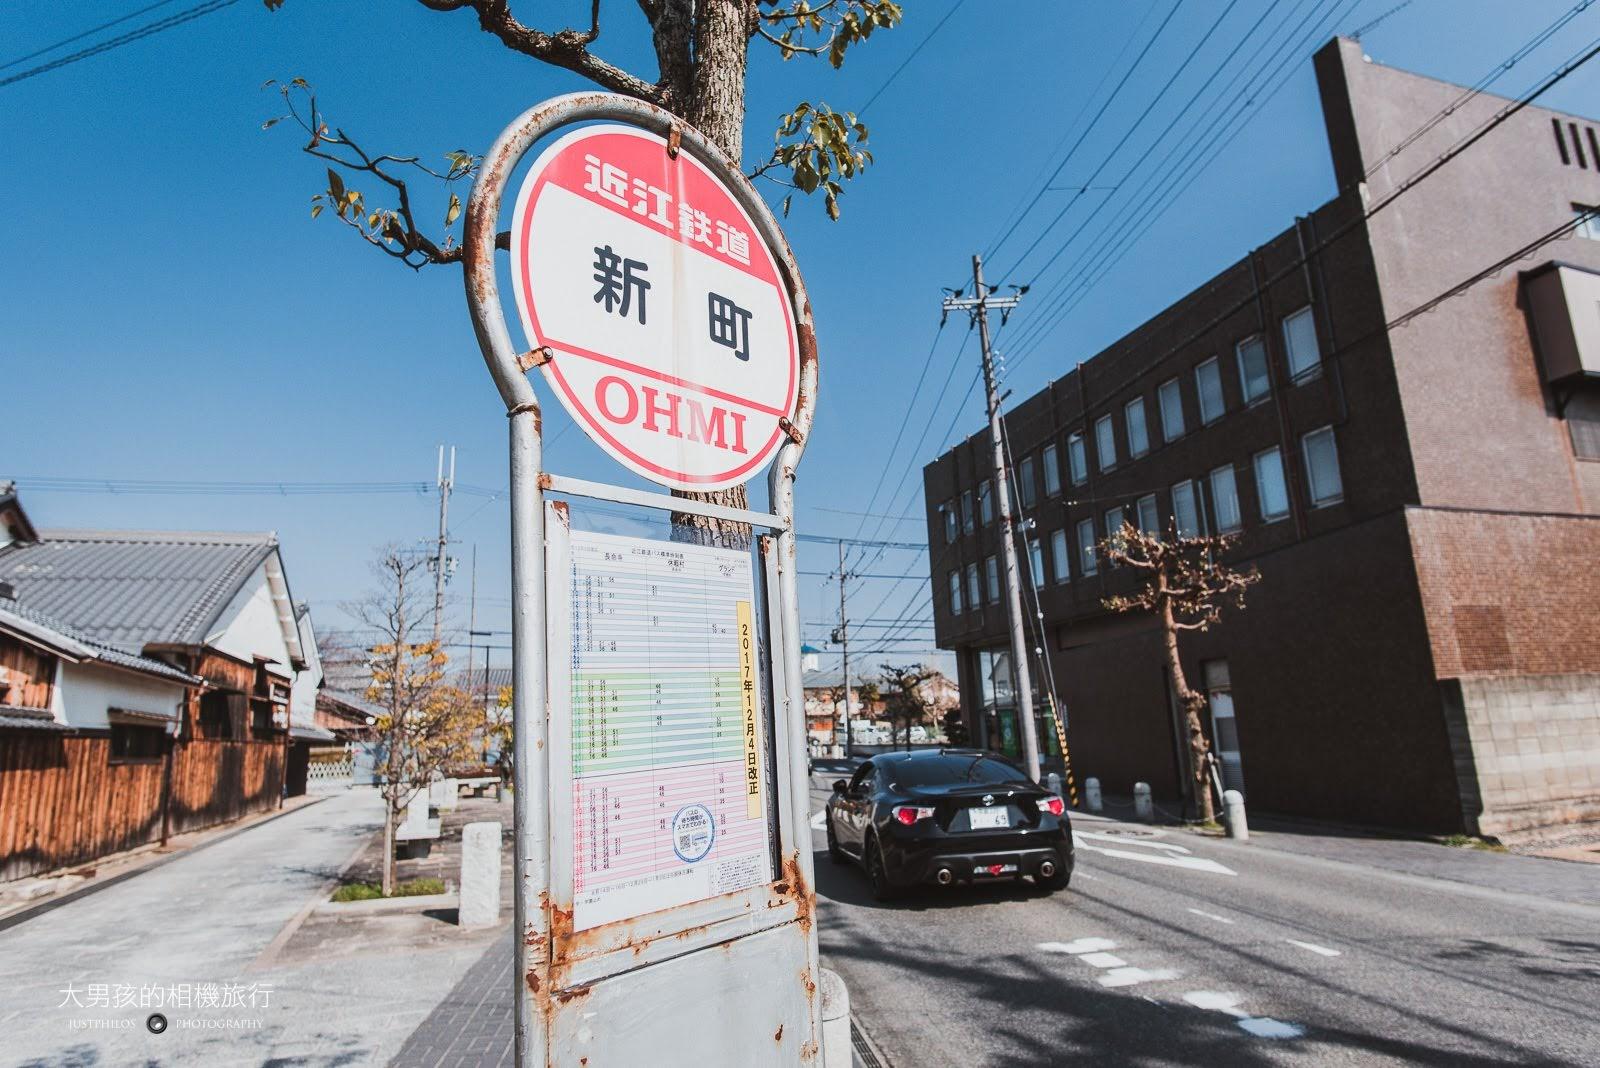 搭到「新町」站下車附近就是八幡堀的入口了。如果回程就是到對面搭車即可。